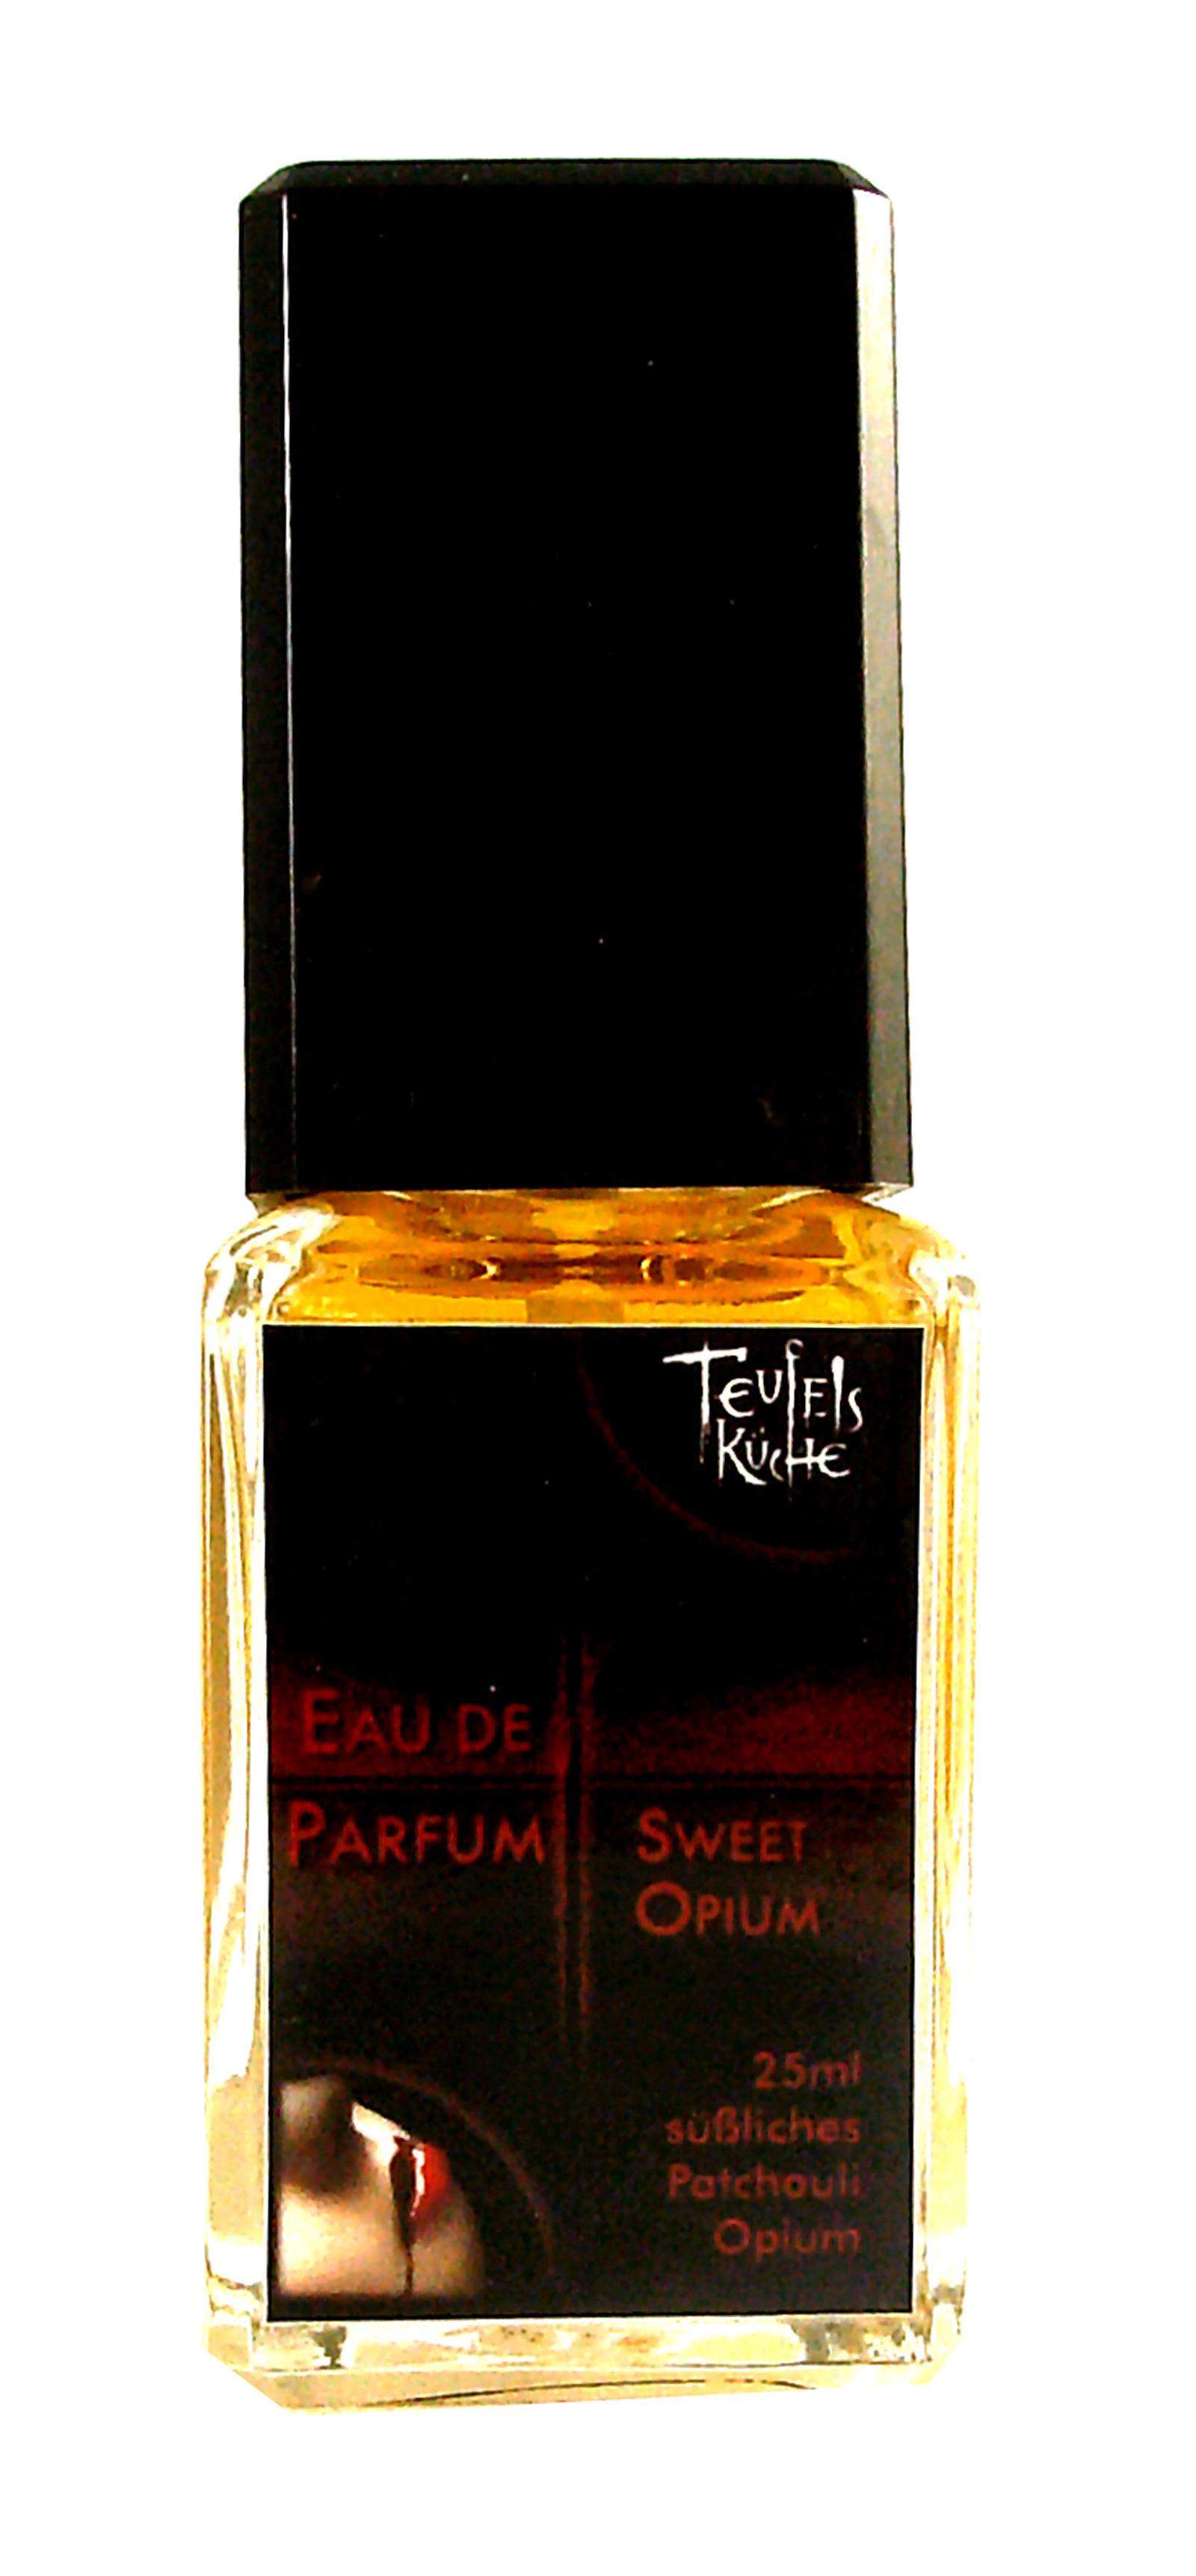 Patchouli Sweet Opium, Eau de Parfüm 25 ml